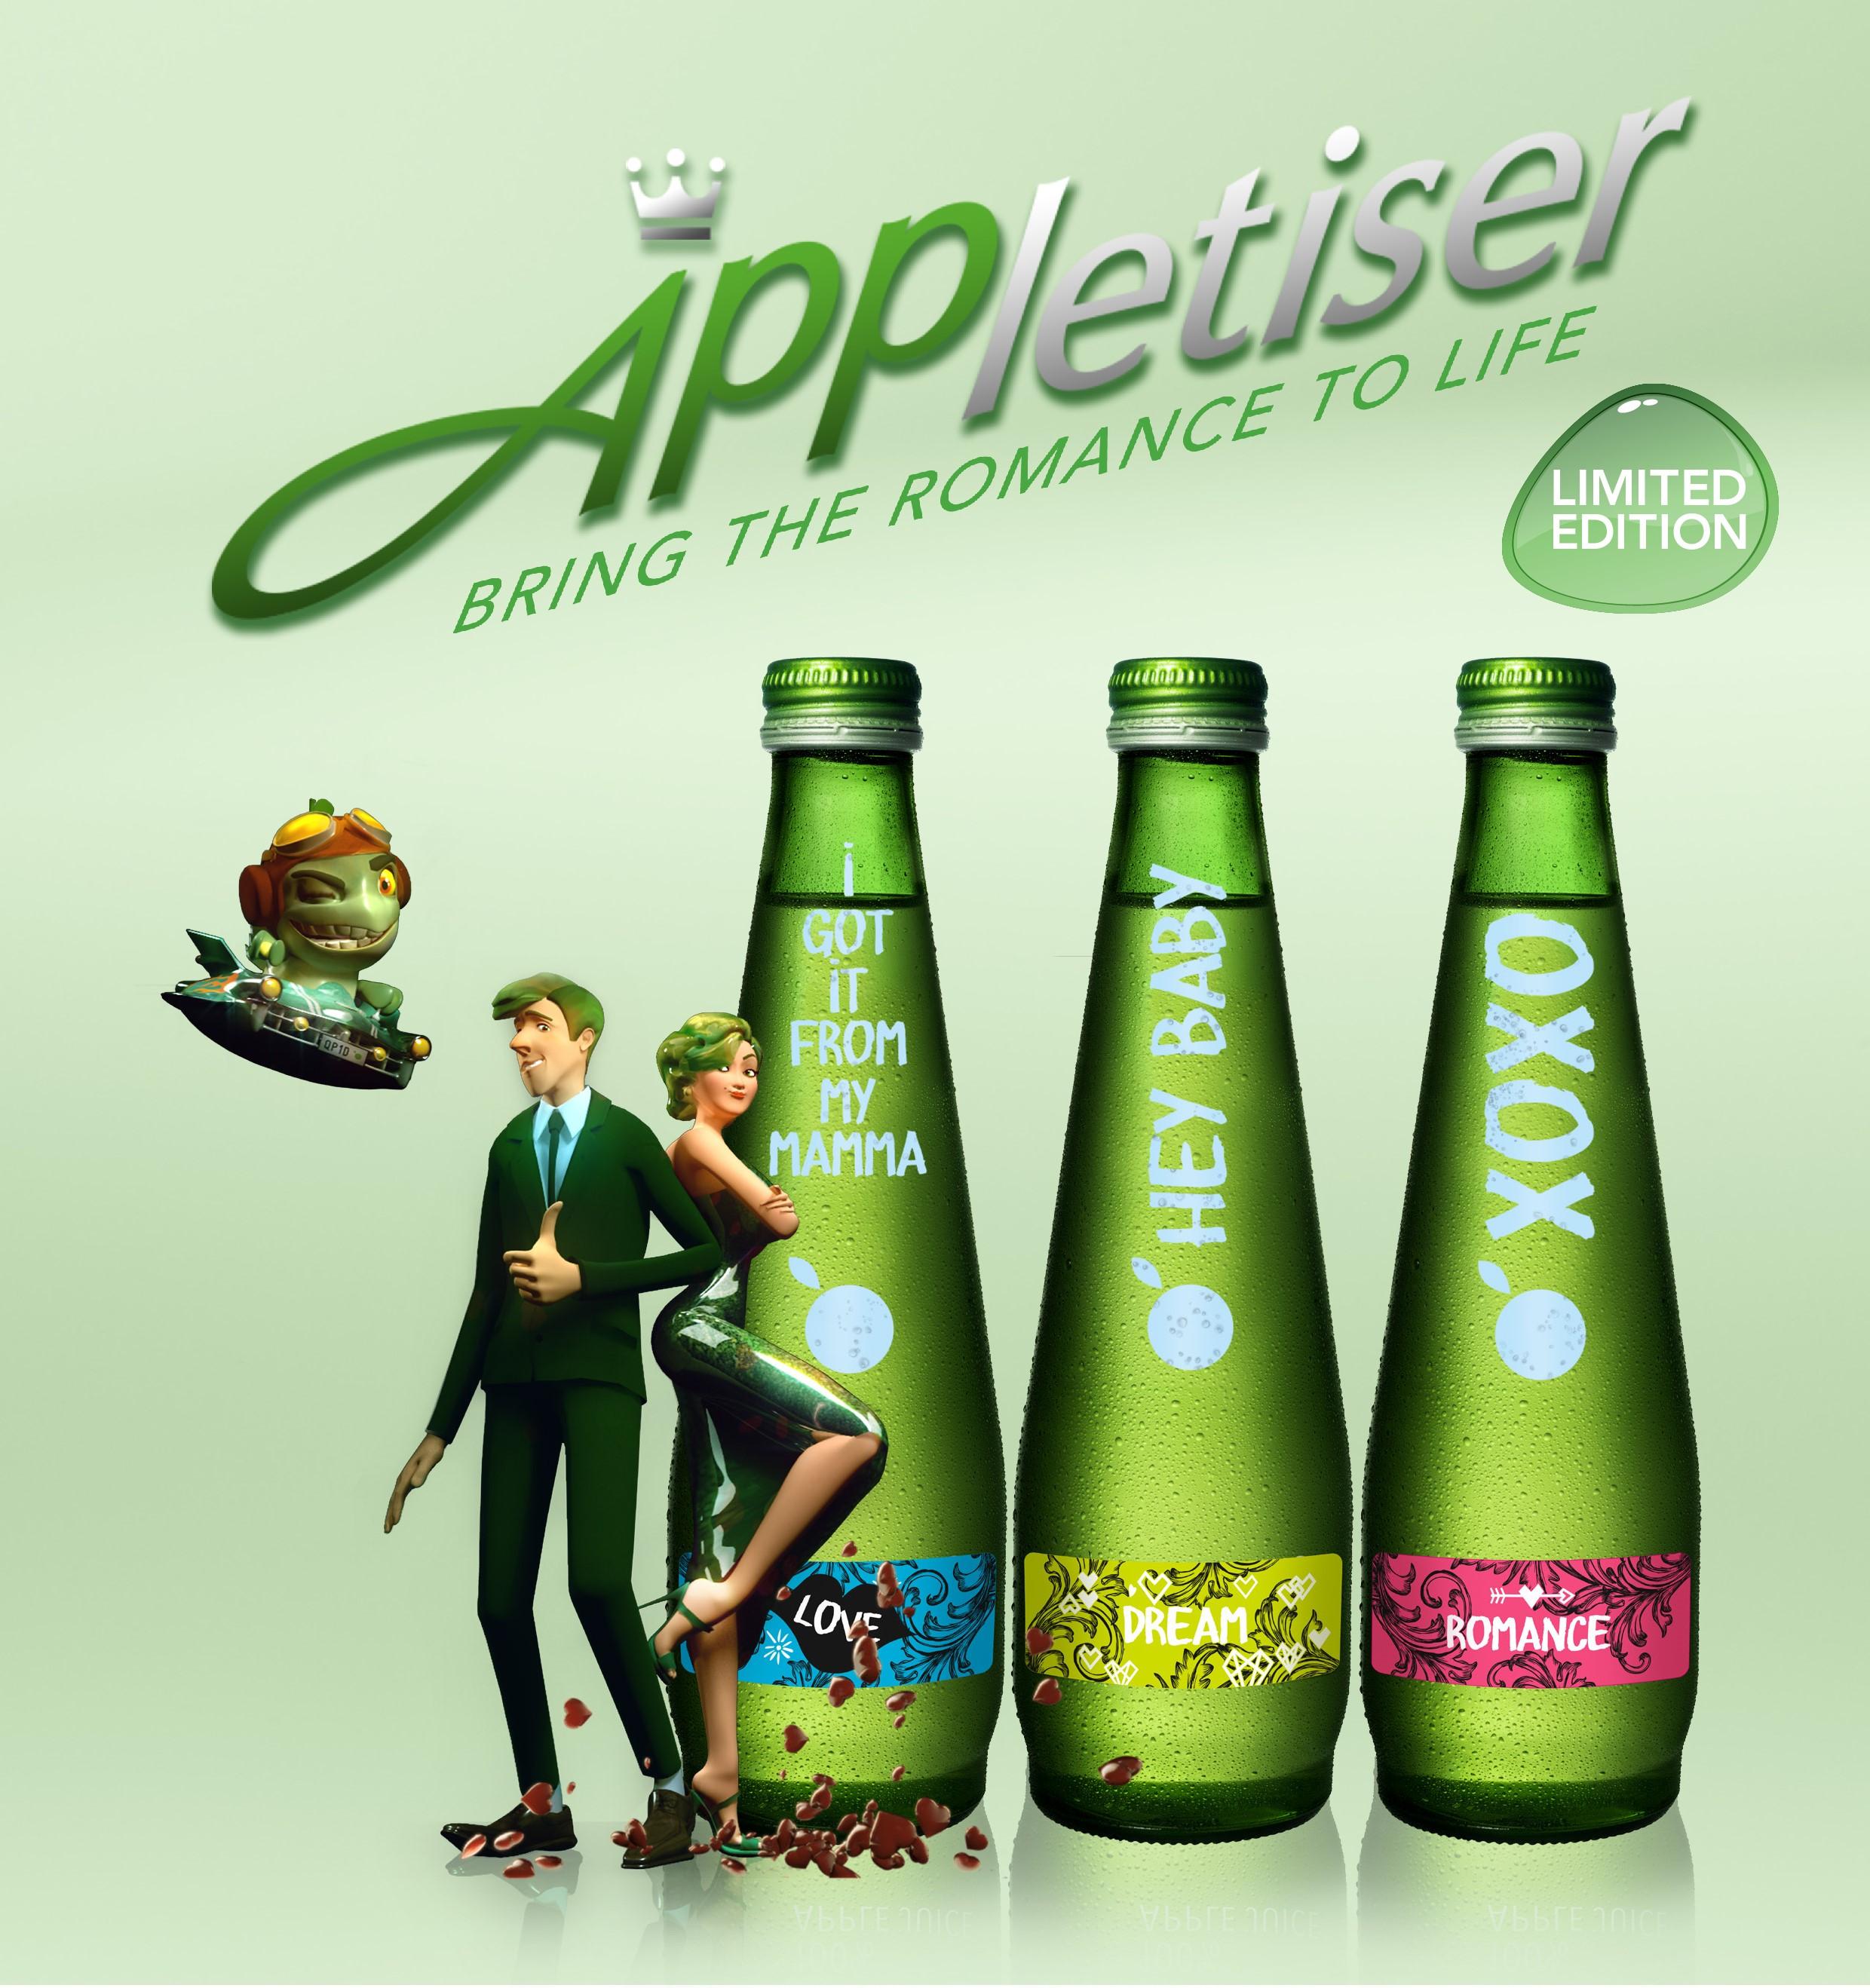 Appletiser romance image